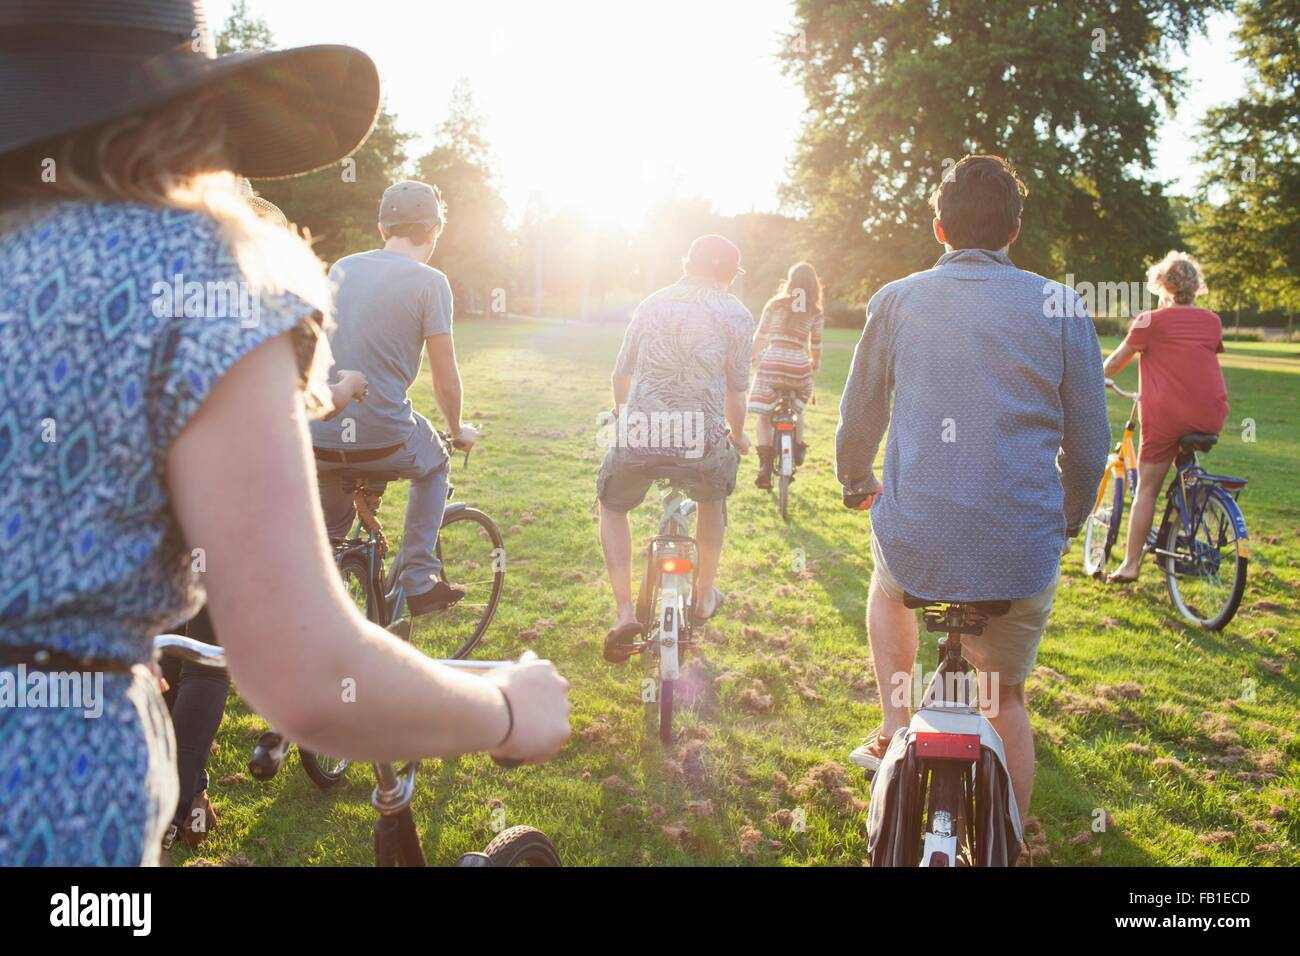 Vista trasera de fiesta adultos llegando en estacionamiento de bicicletas al atardecer Imagen De Stock